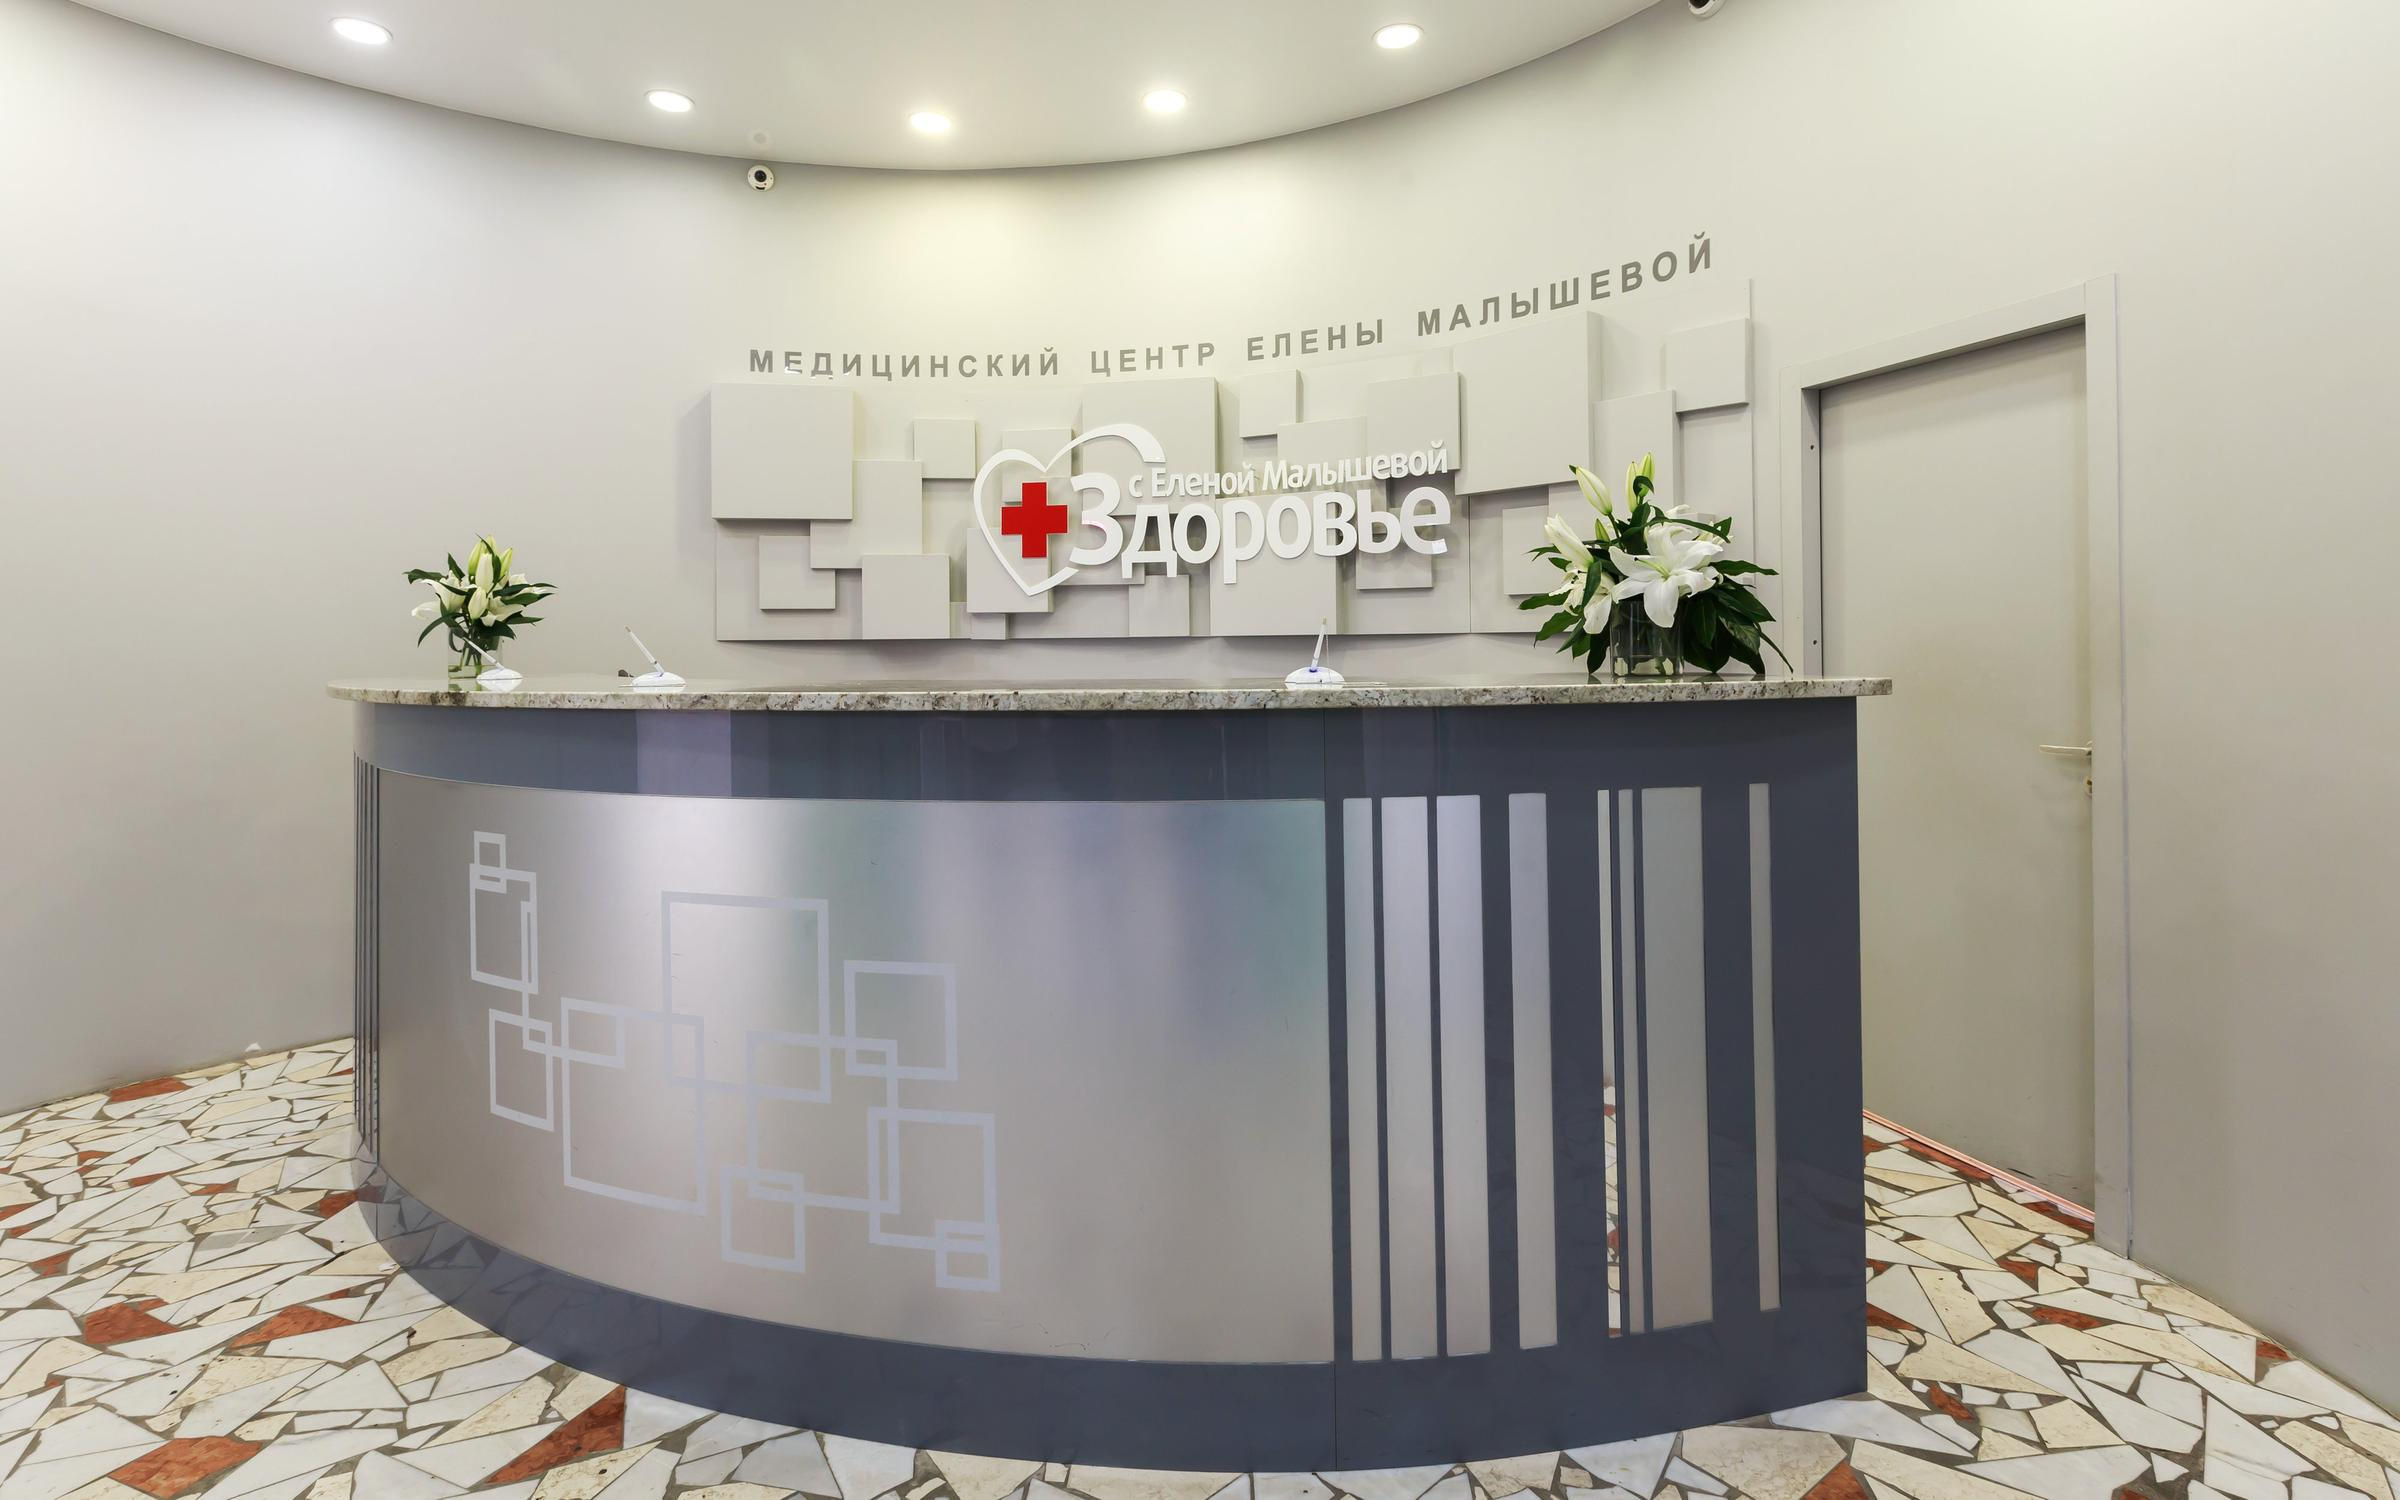 фотография Медицинского центра Елены Малышевой в Переведеновском переулке